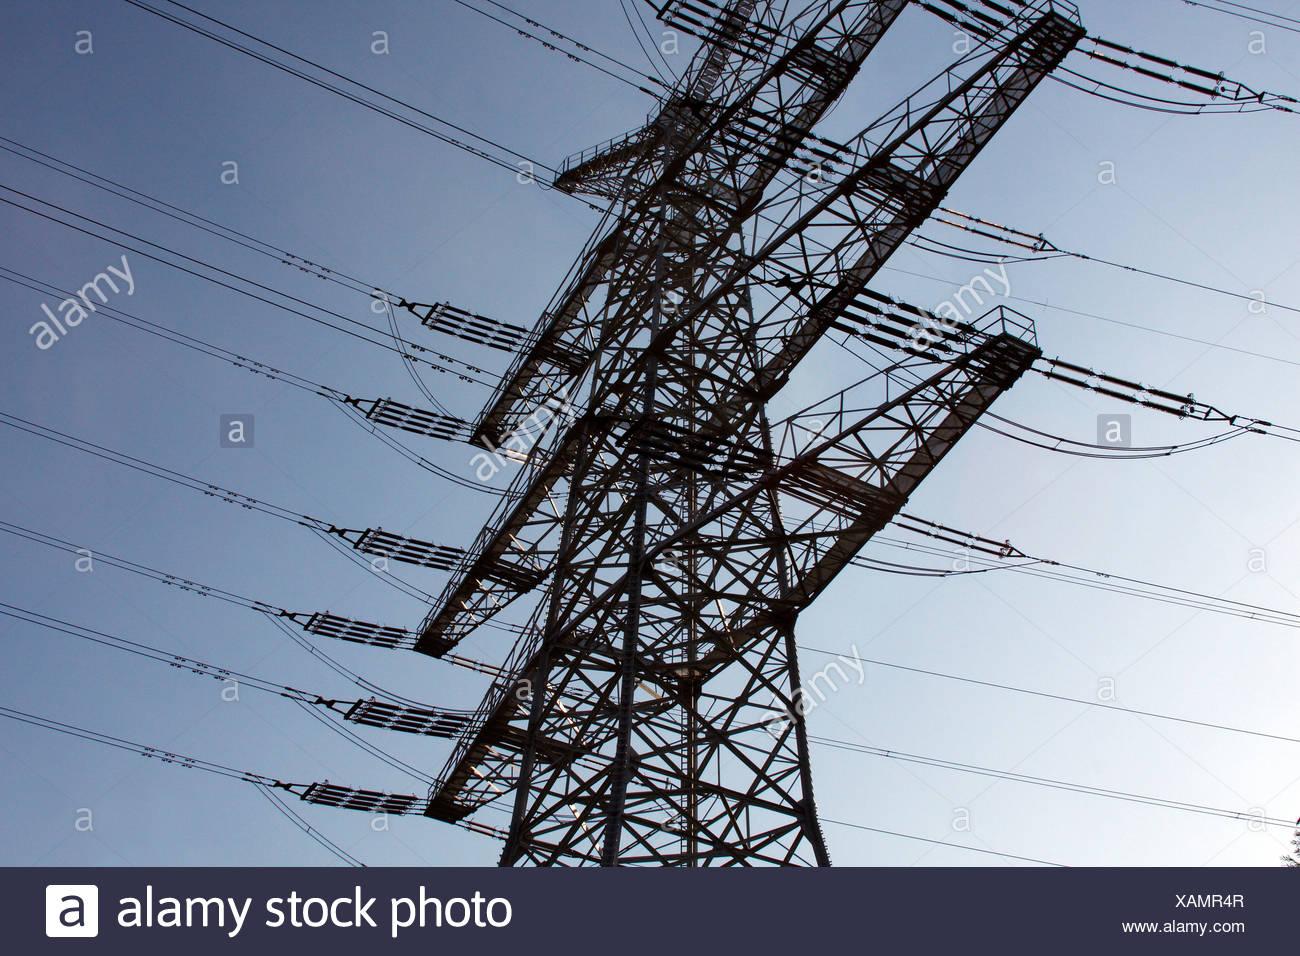 Strommasten, elektrische Hochspannungsleitung, Niedersachsen, Deutschland, Europa Stockbild